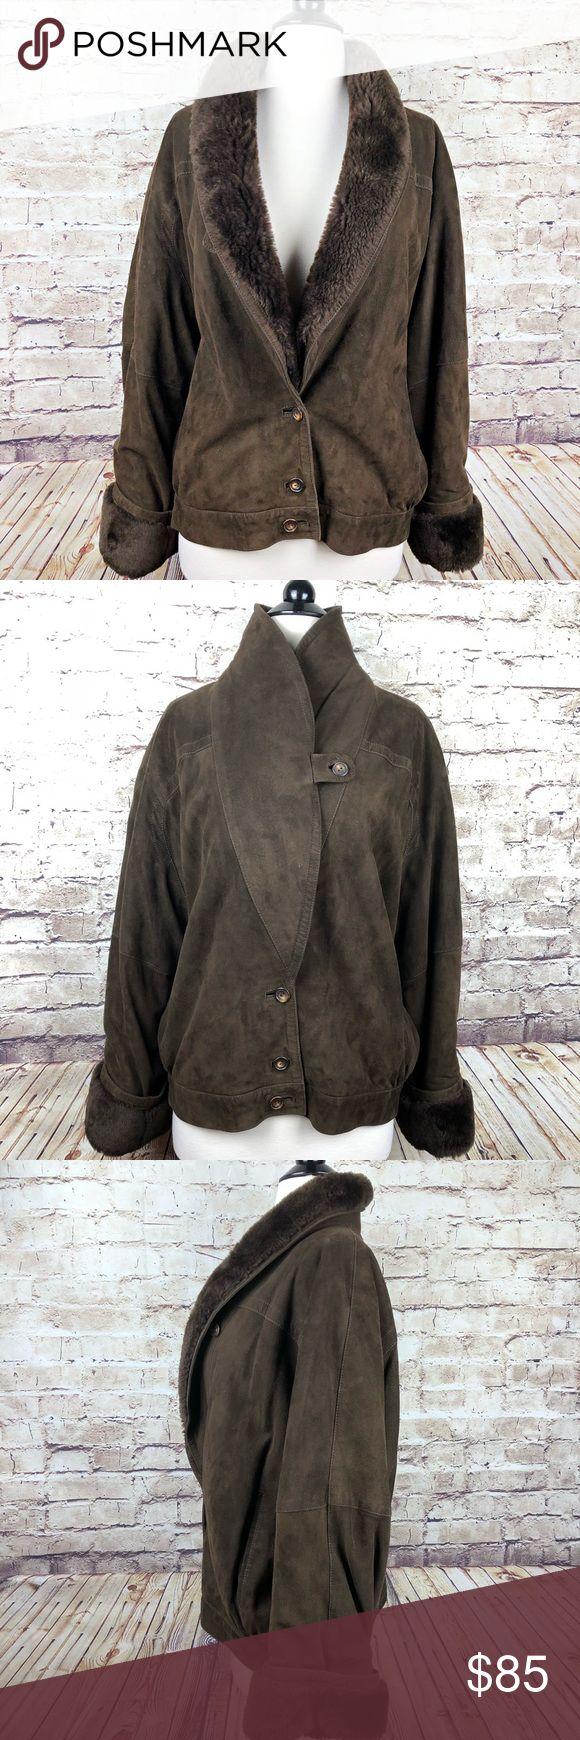 Vintage Jaeger Brown Suede + Fur Bomber Jacket Fur